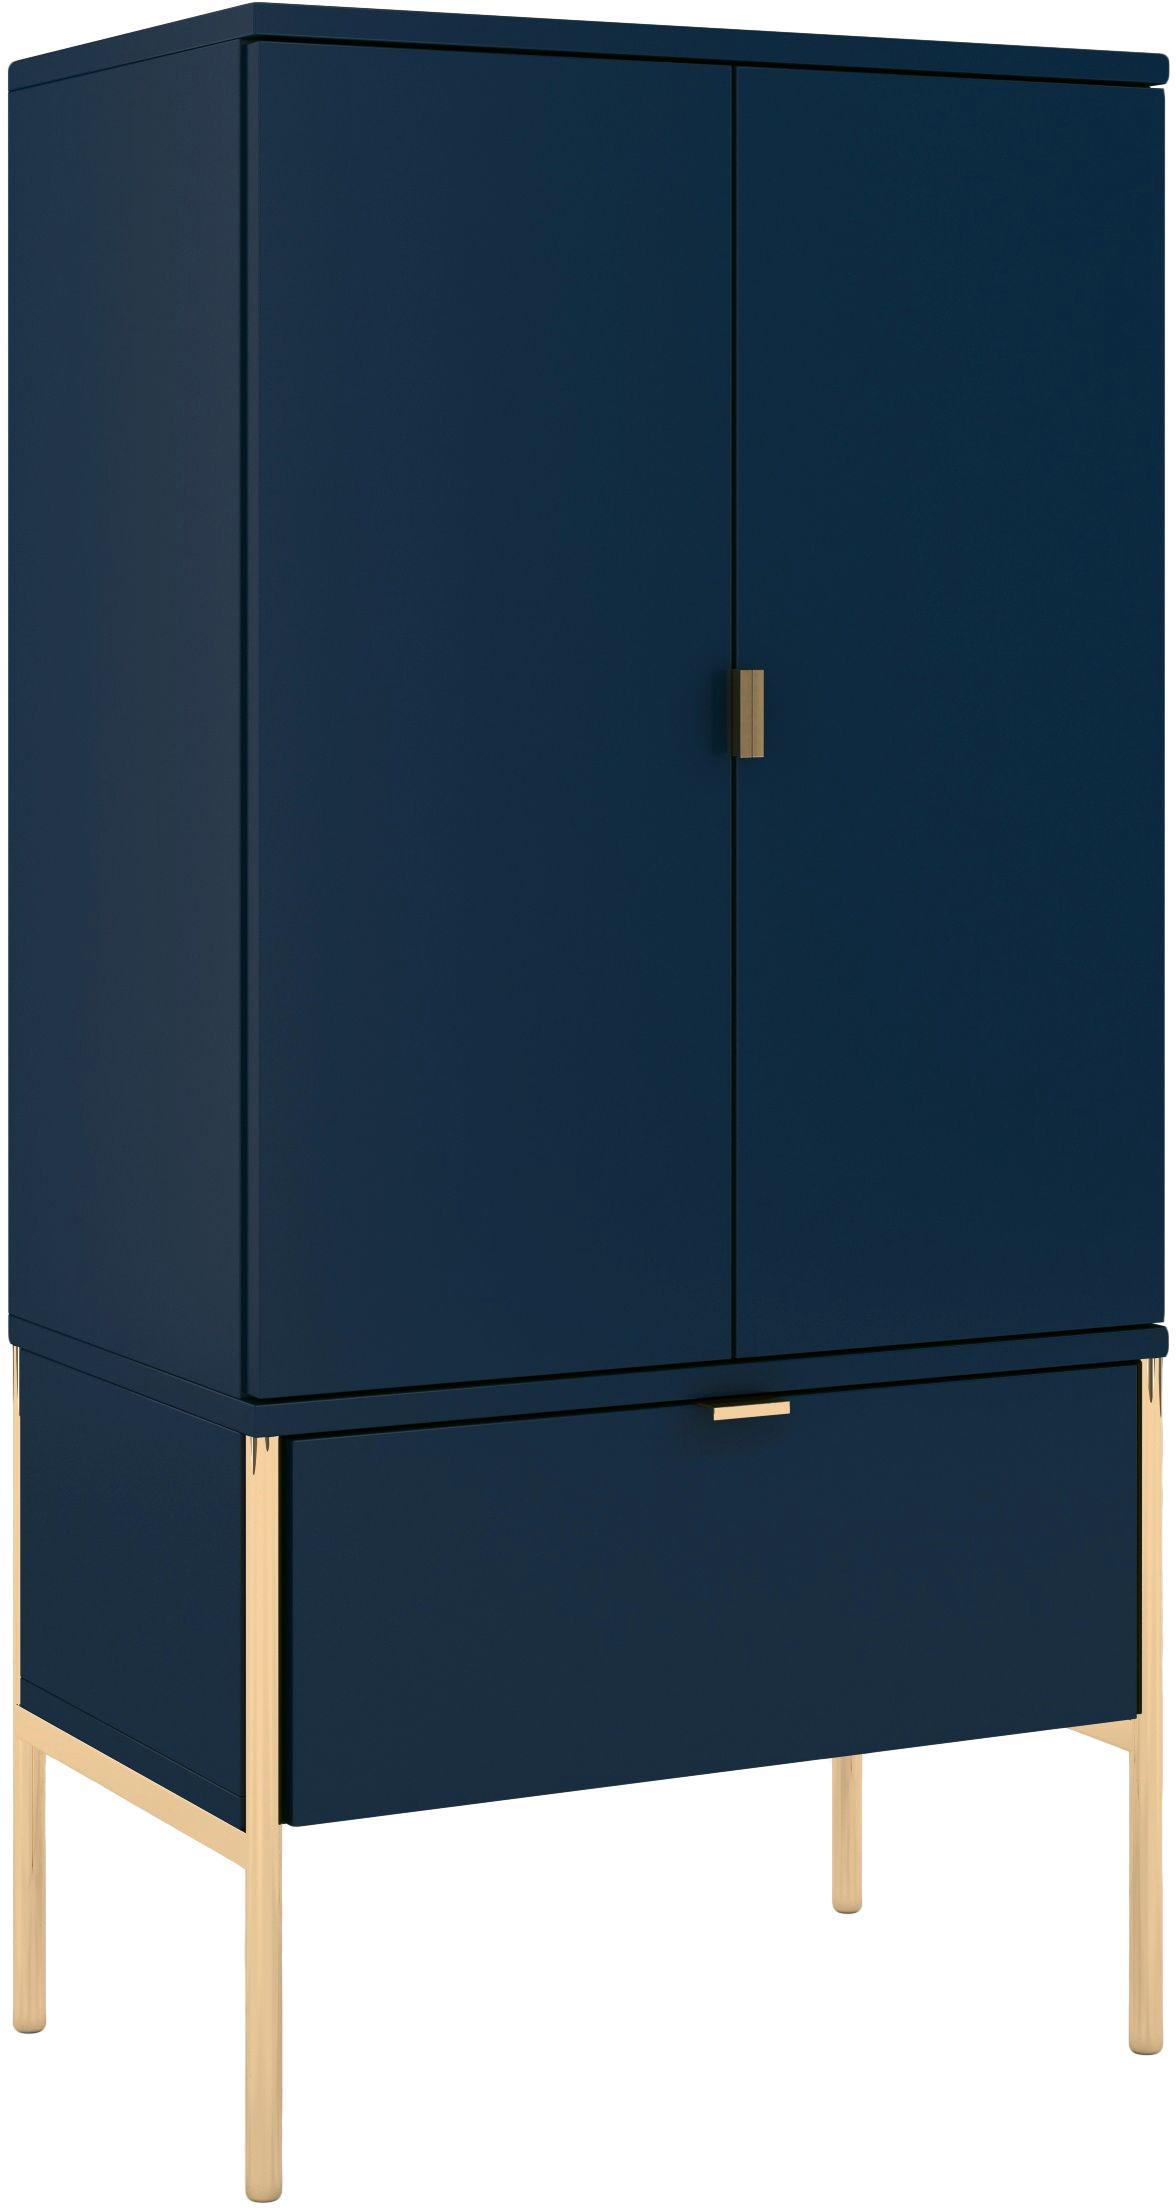 Credenza alta blu scura Polka, Blu scuro, Larg. 60 x Alt. 120 cm